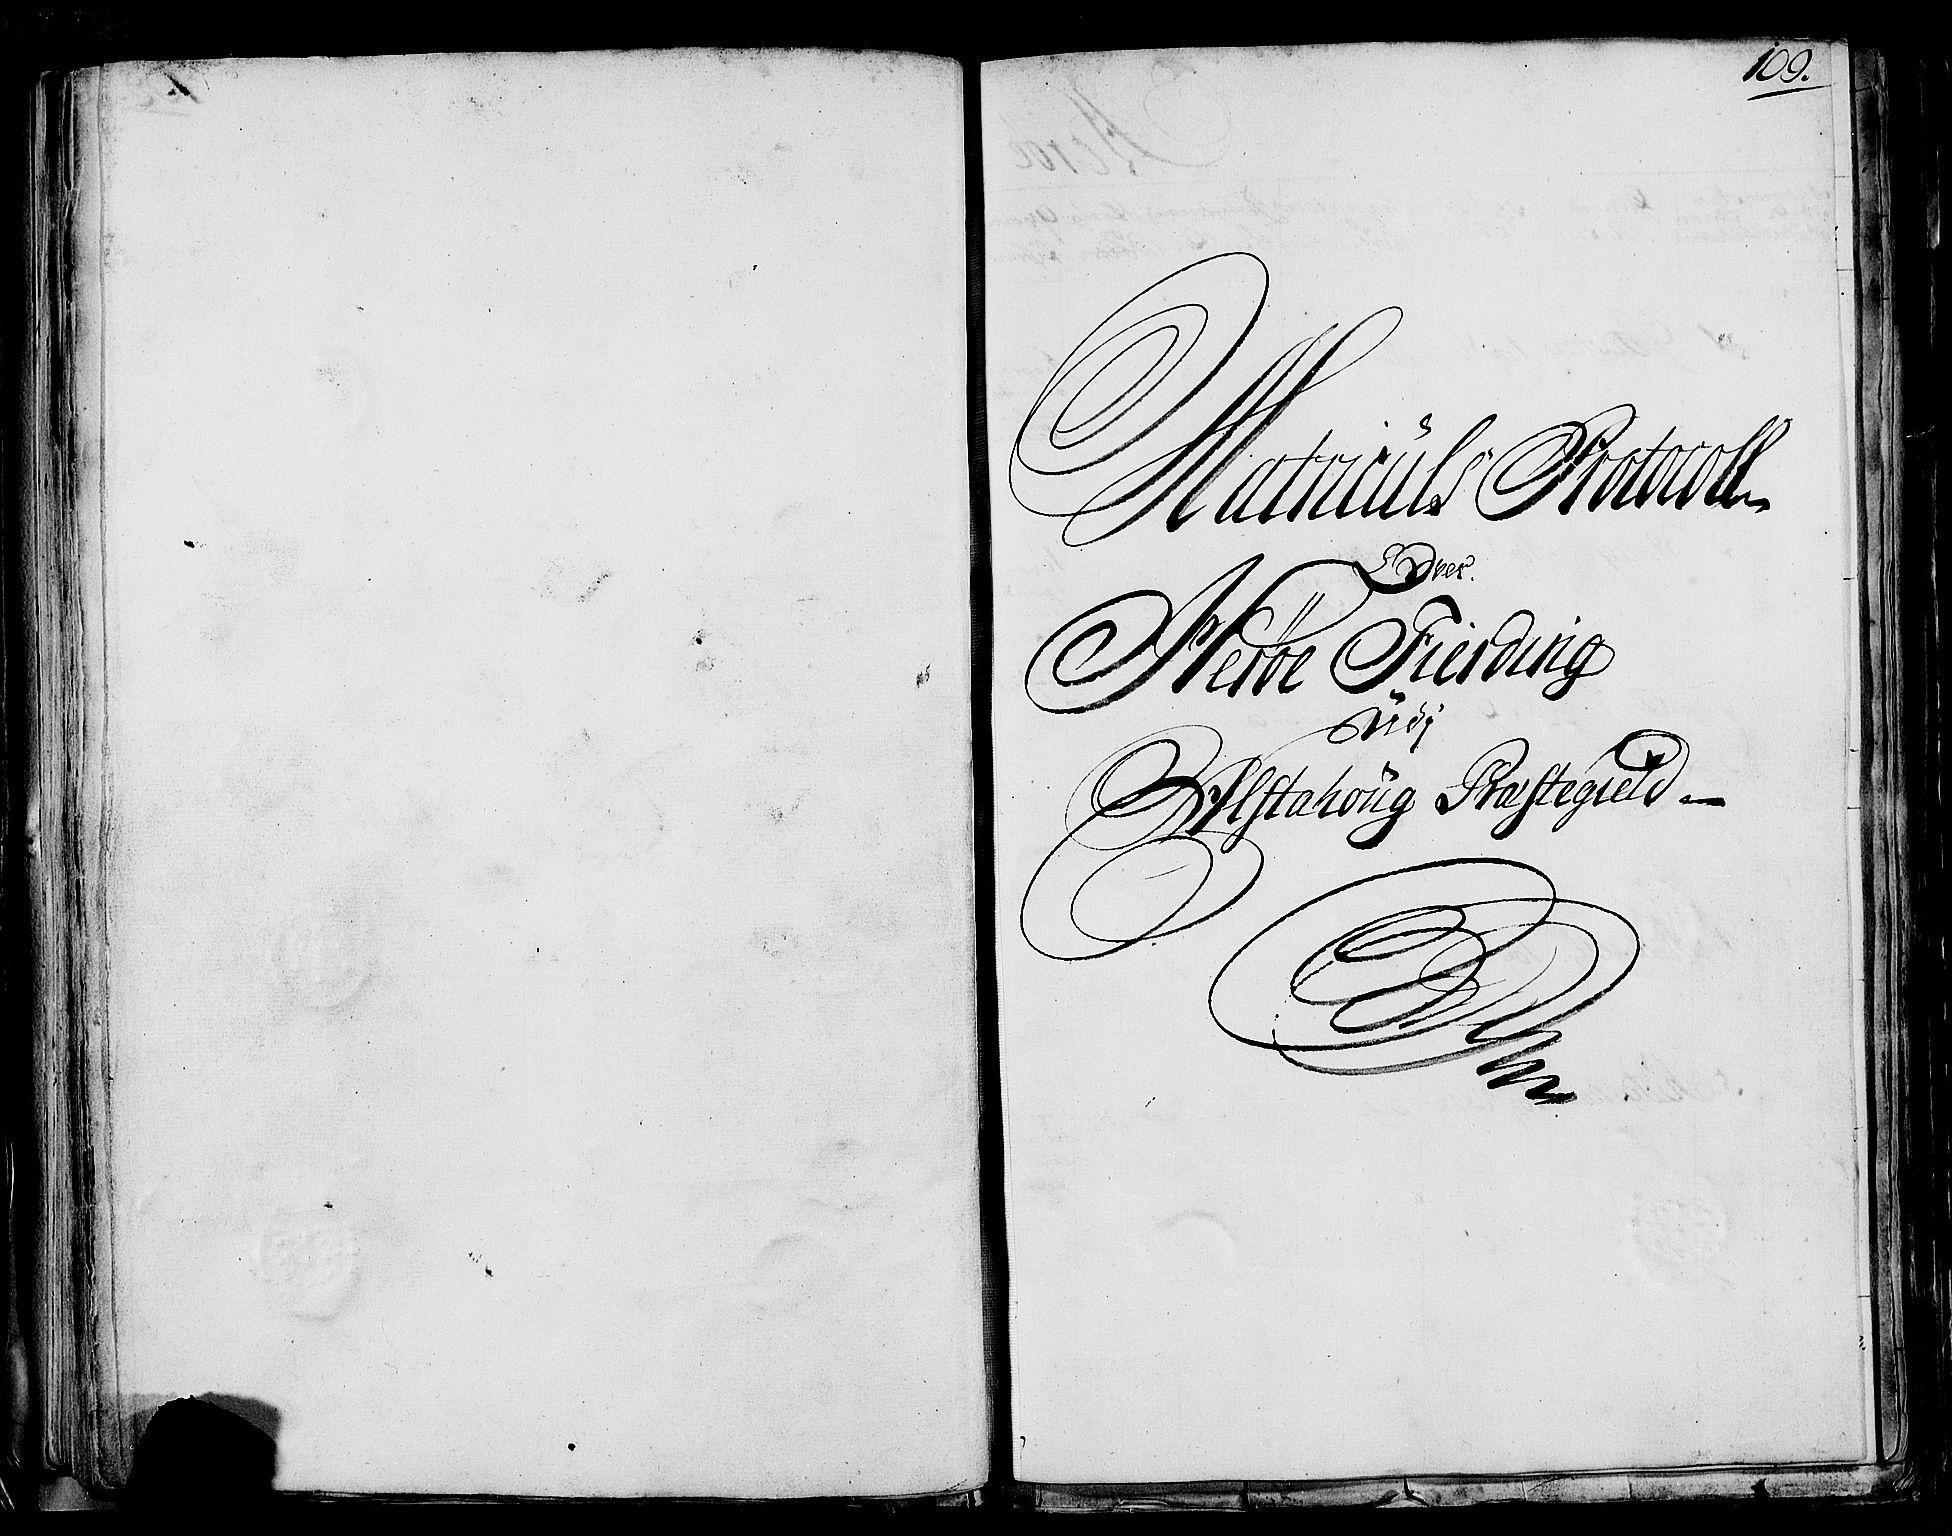 RA, Rentekammeret inntil 1814, Realistisk ordnet avdeling, N/Nb/Nbf/L0170: Helgeland eksaminasjonsprotokoll, 1723, s. 108b-109a